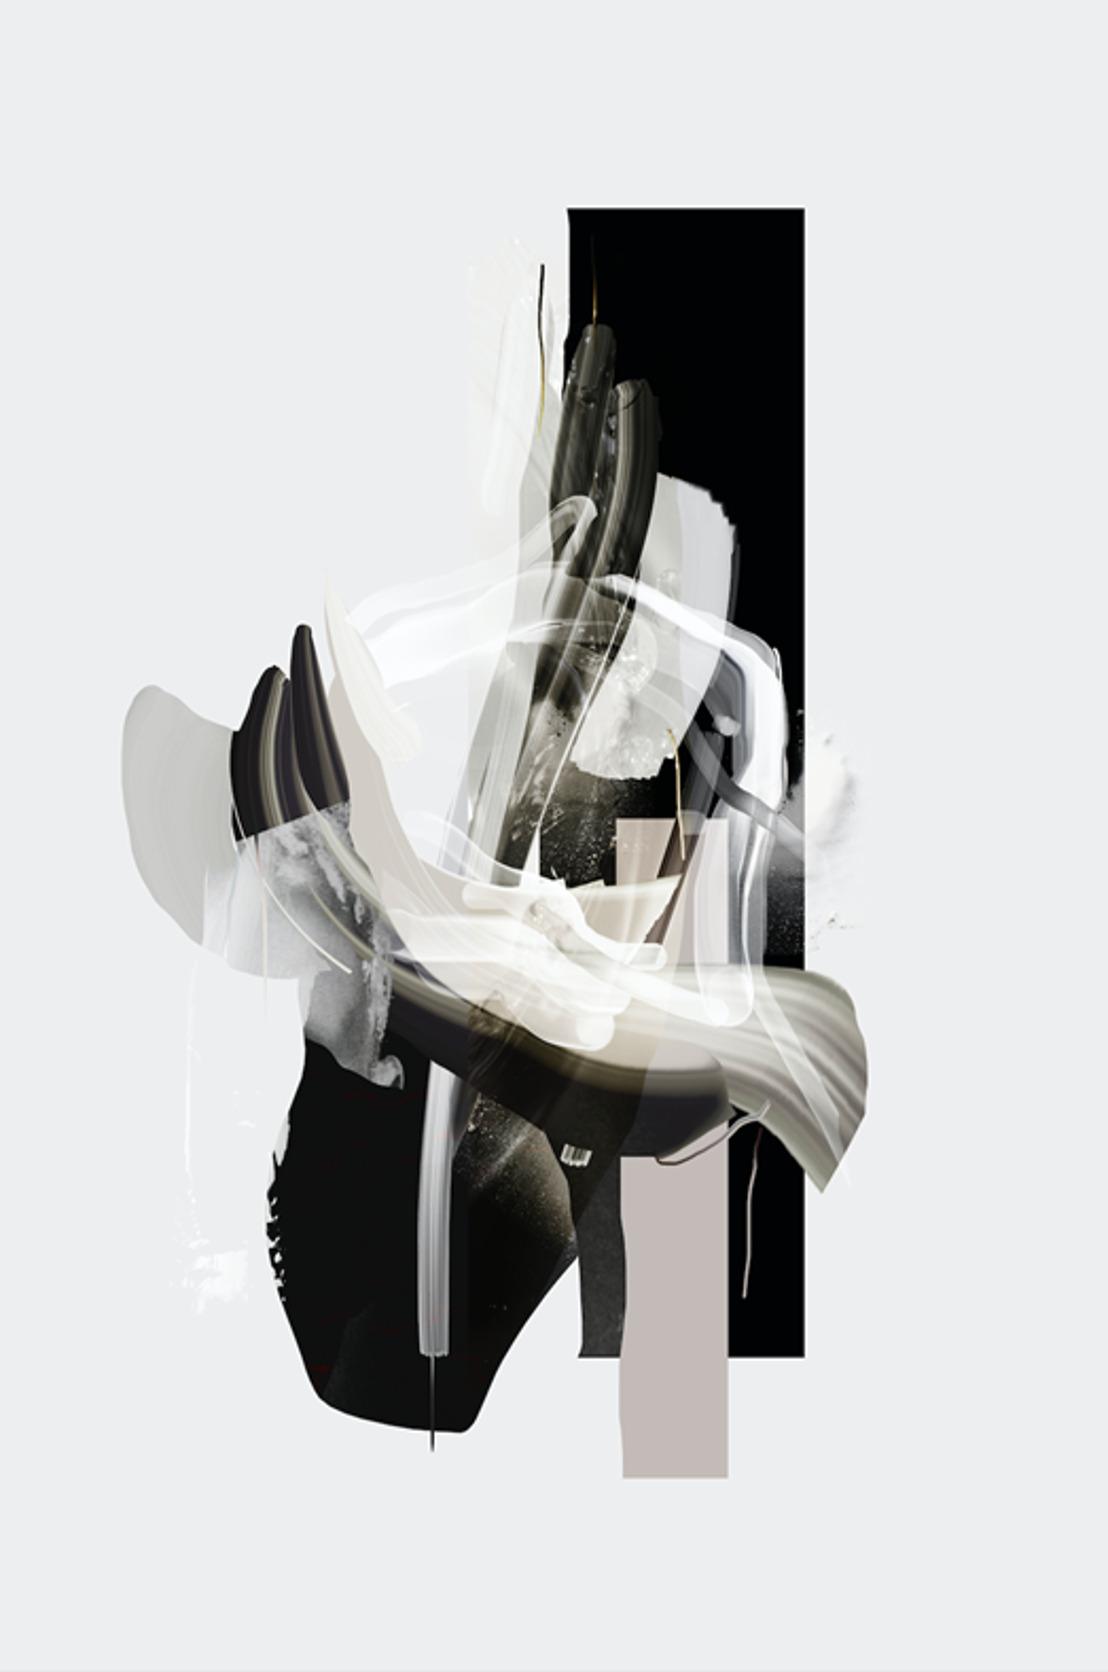 YUST art - Belgische Louise Mertens onthult nieuwe expo in design setting